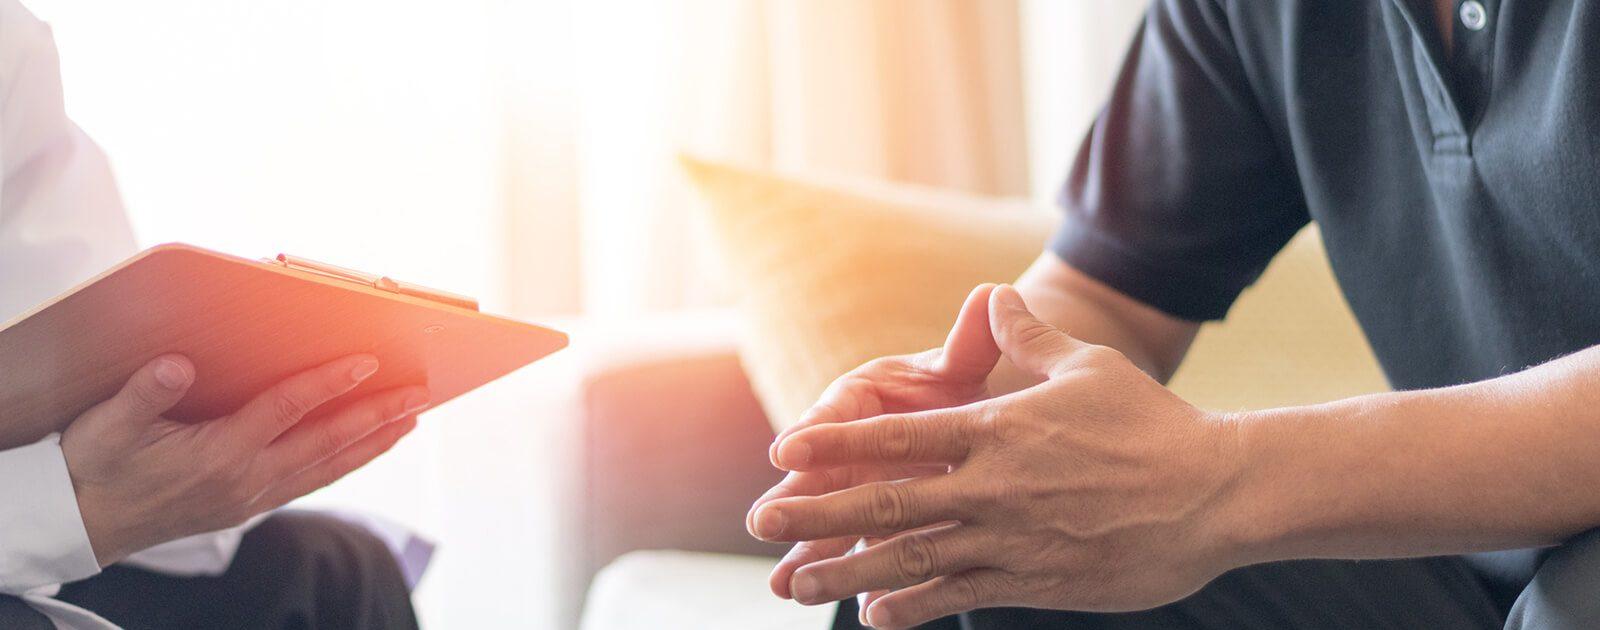 Mann mit Dauererektion sucht das Gespräch mit einem Urologen.